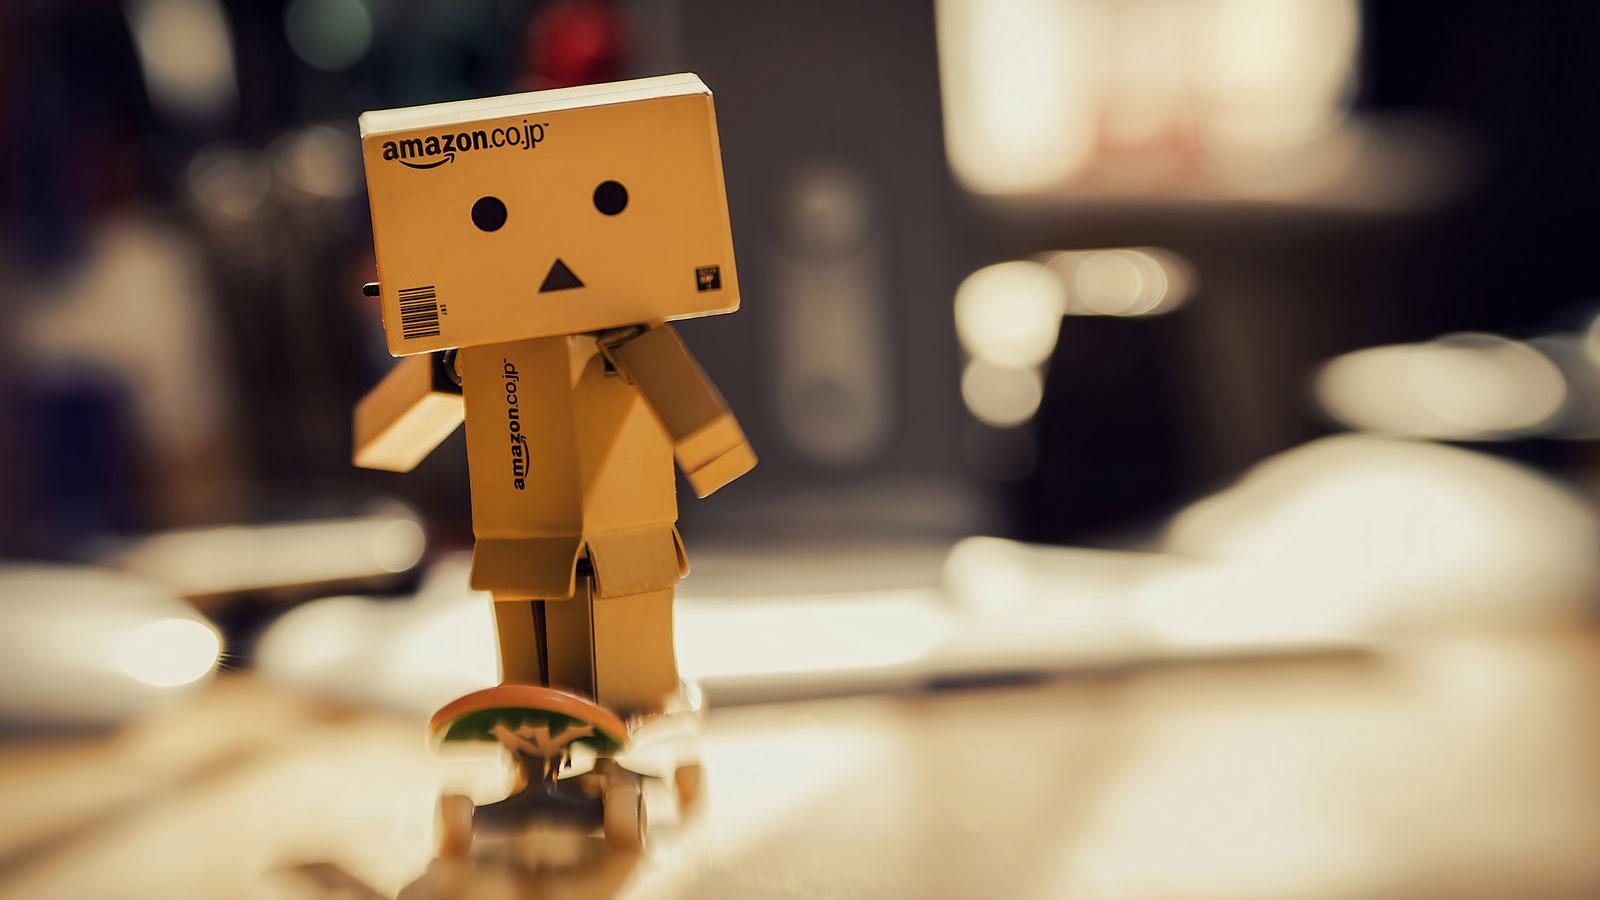 Amazon New Jersey ROBOT BEAR SPRAY ile ilgili görsel sonucu